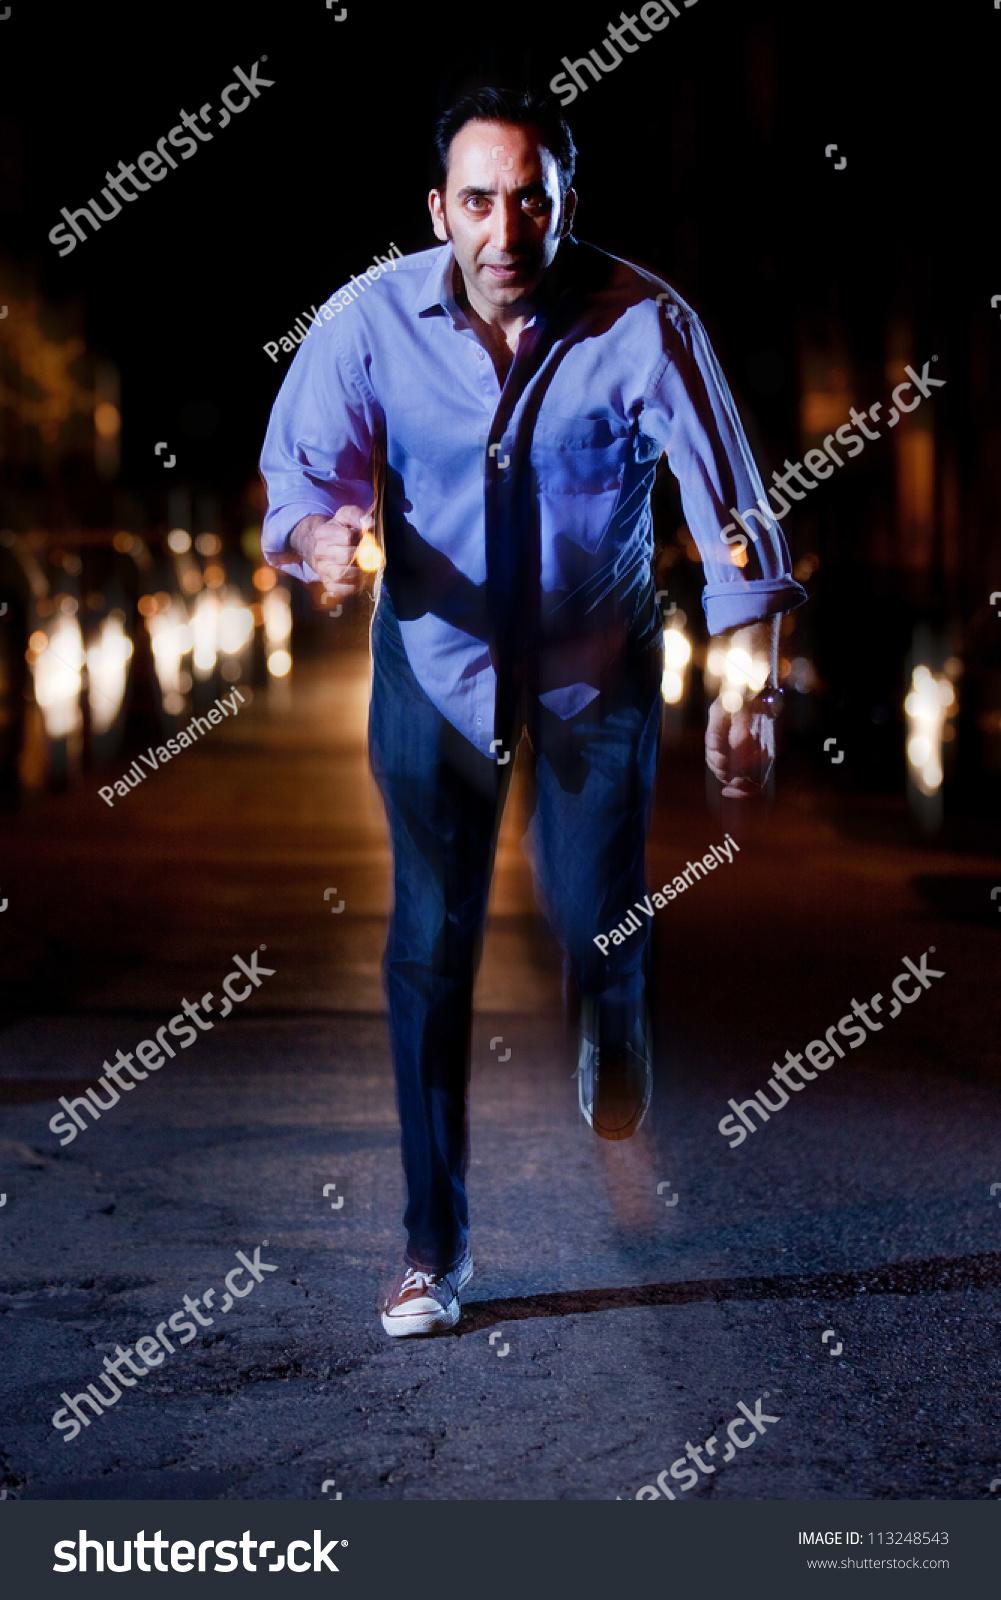 Man running away at night